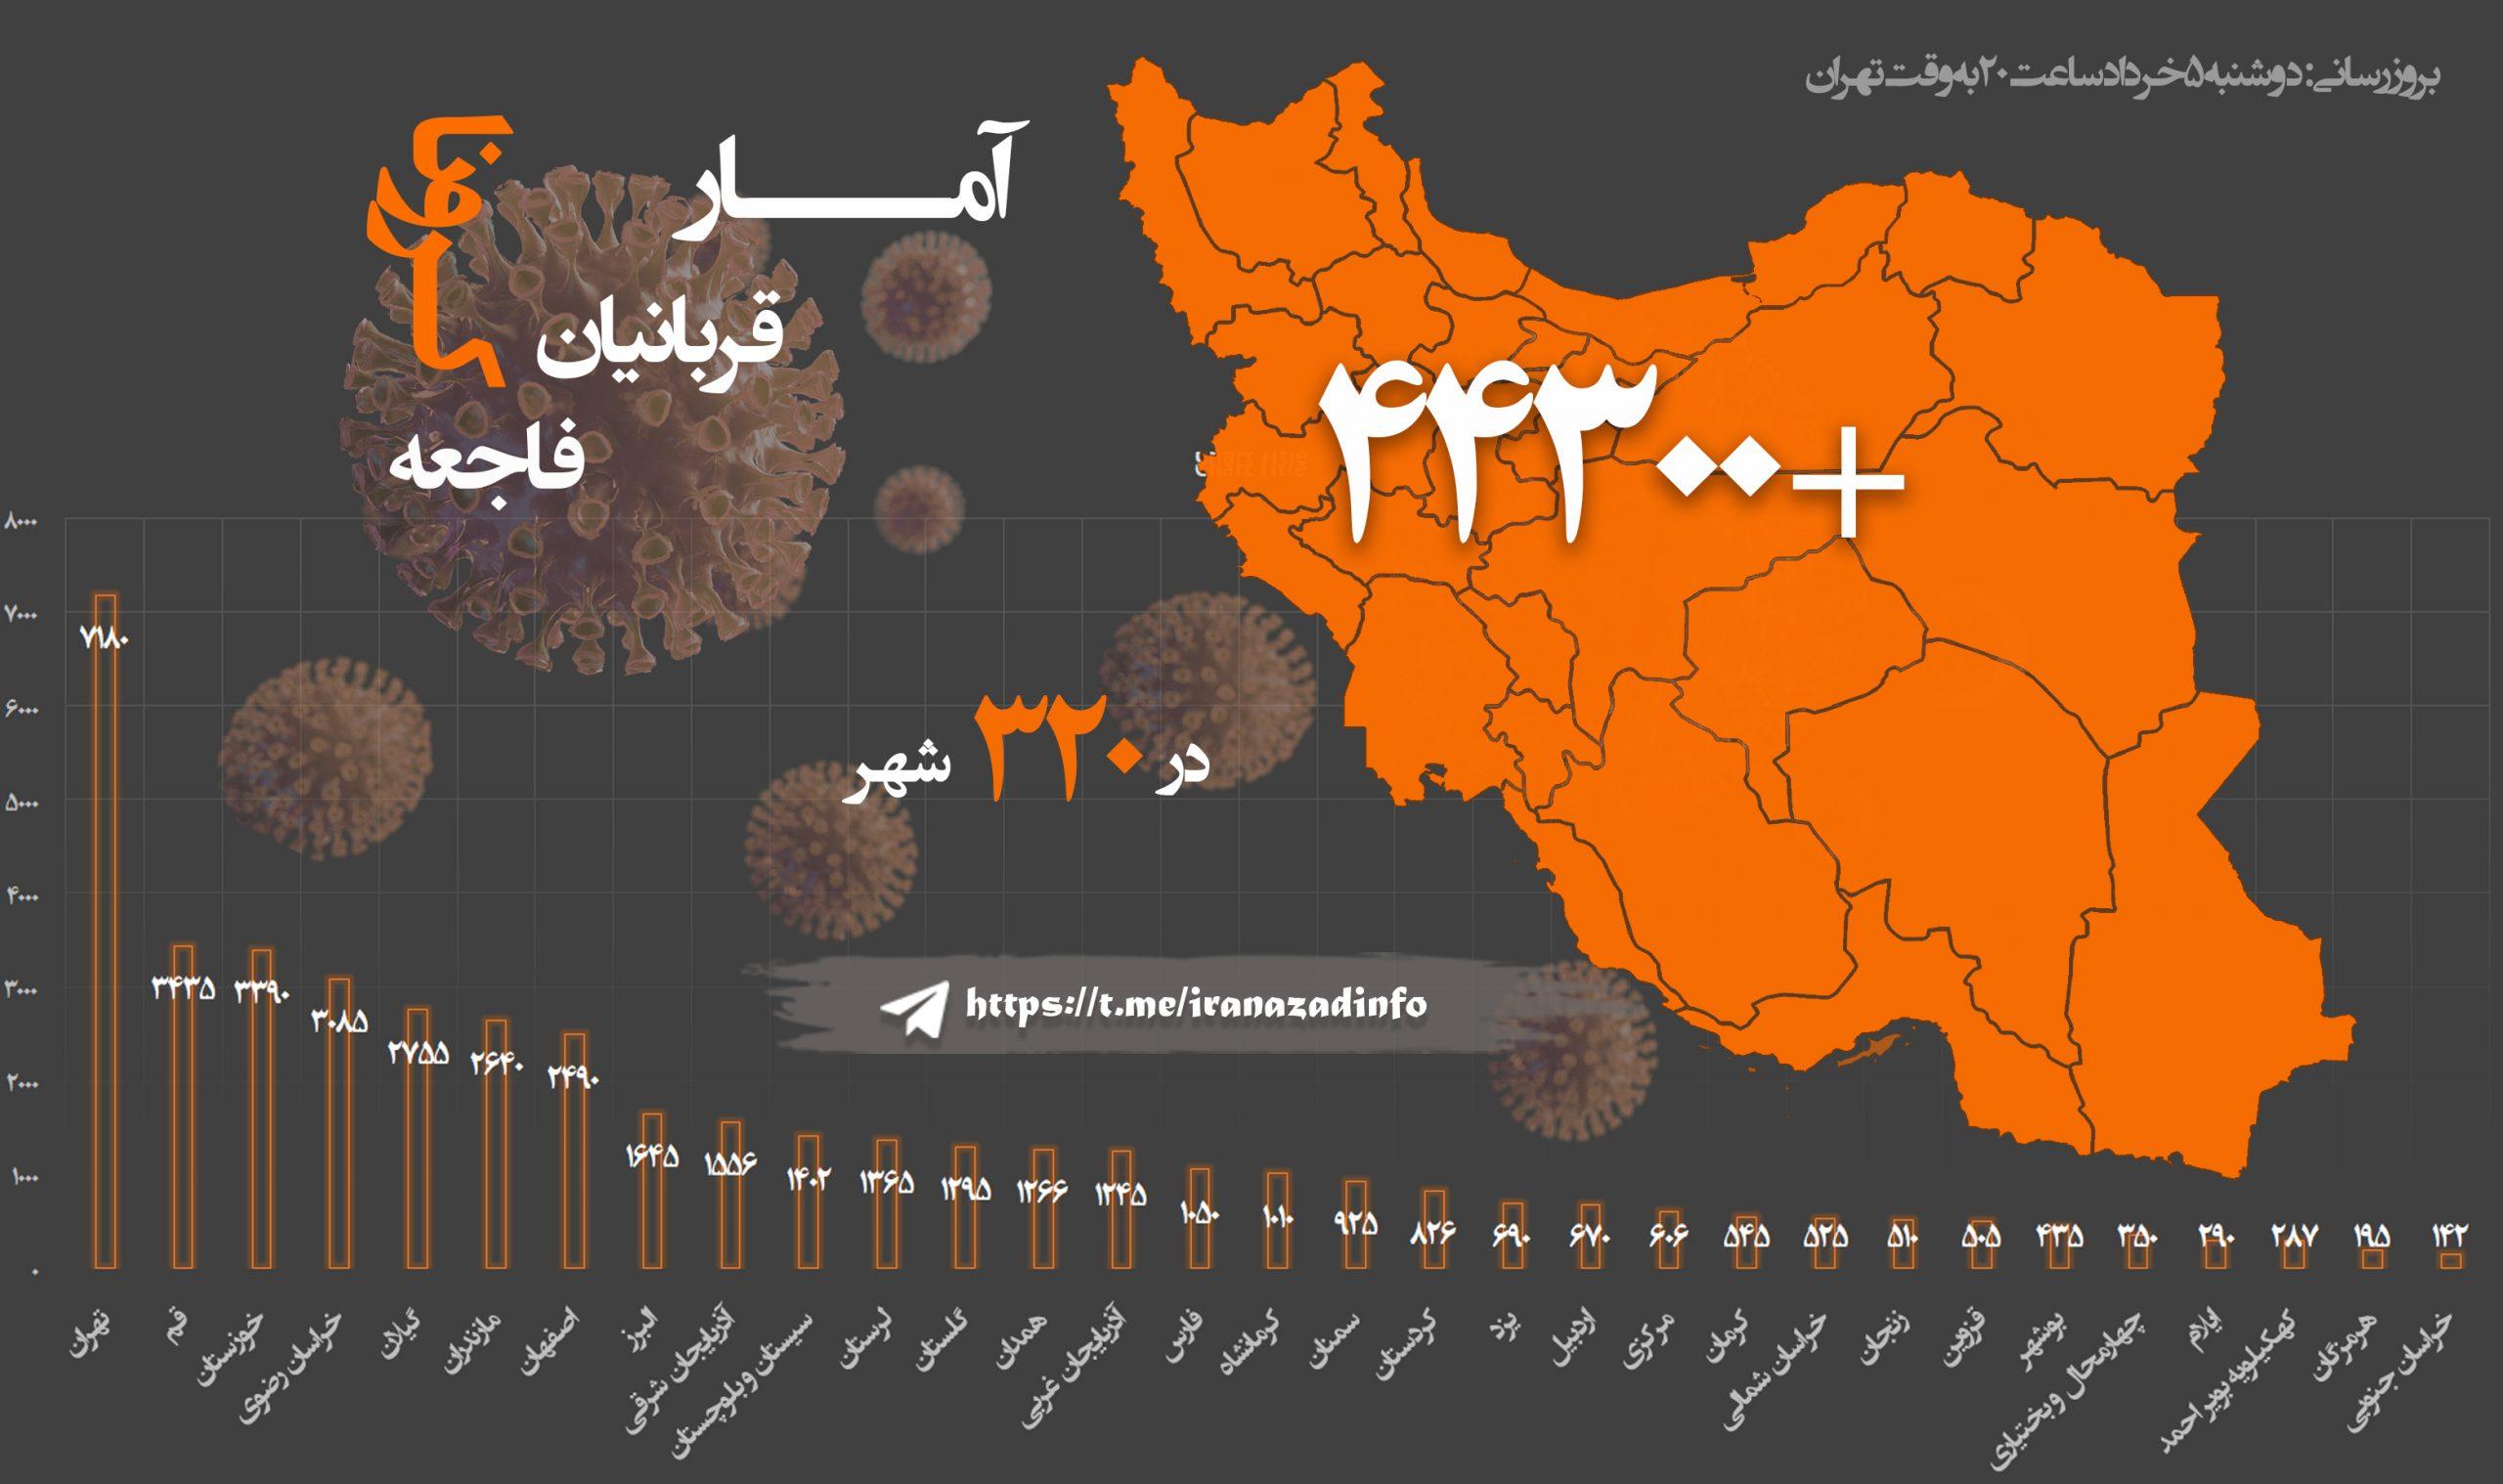 صعود ابتلا به کرونا از خوزستان تا تهران و مازندران بر اثر بازگشاییها